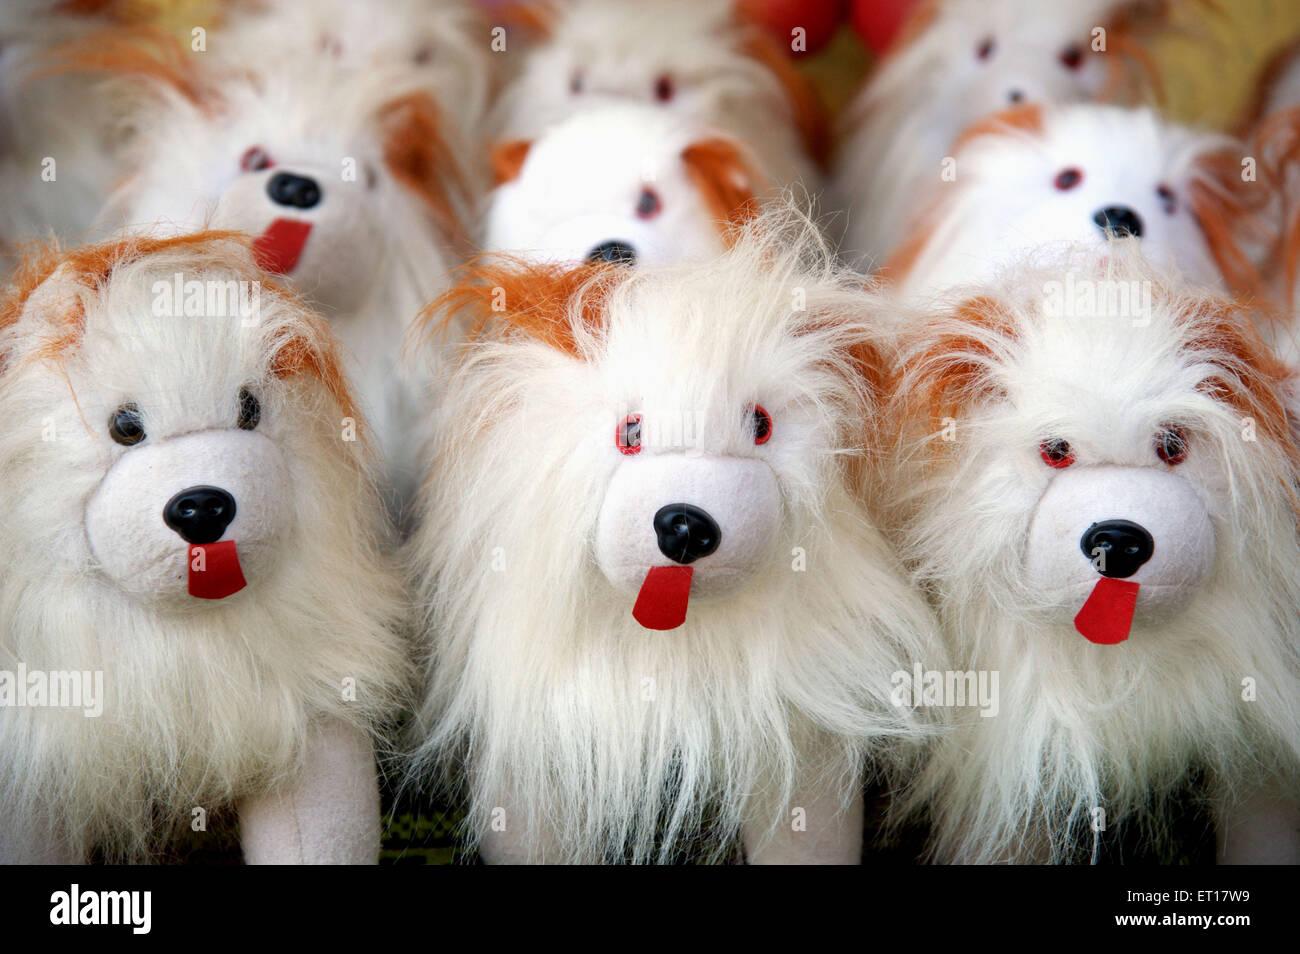 Spielzeug Hund gemacht von Kunsthaar Stockfoto